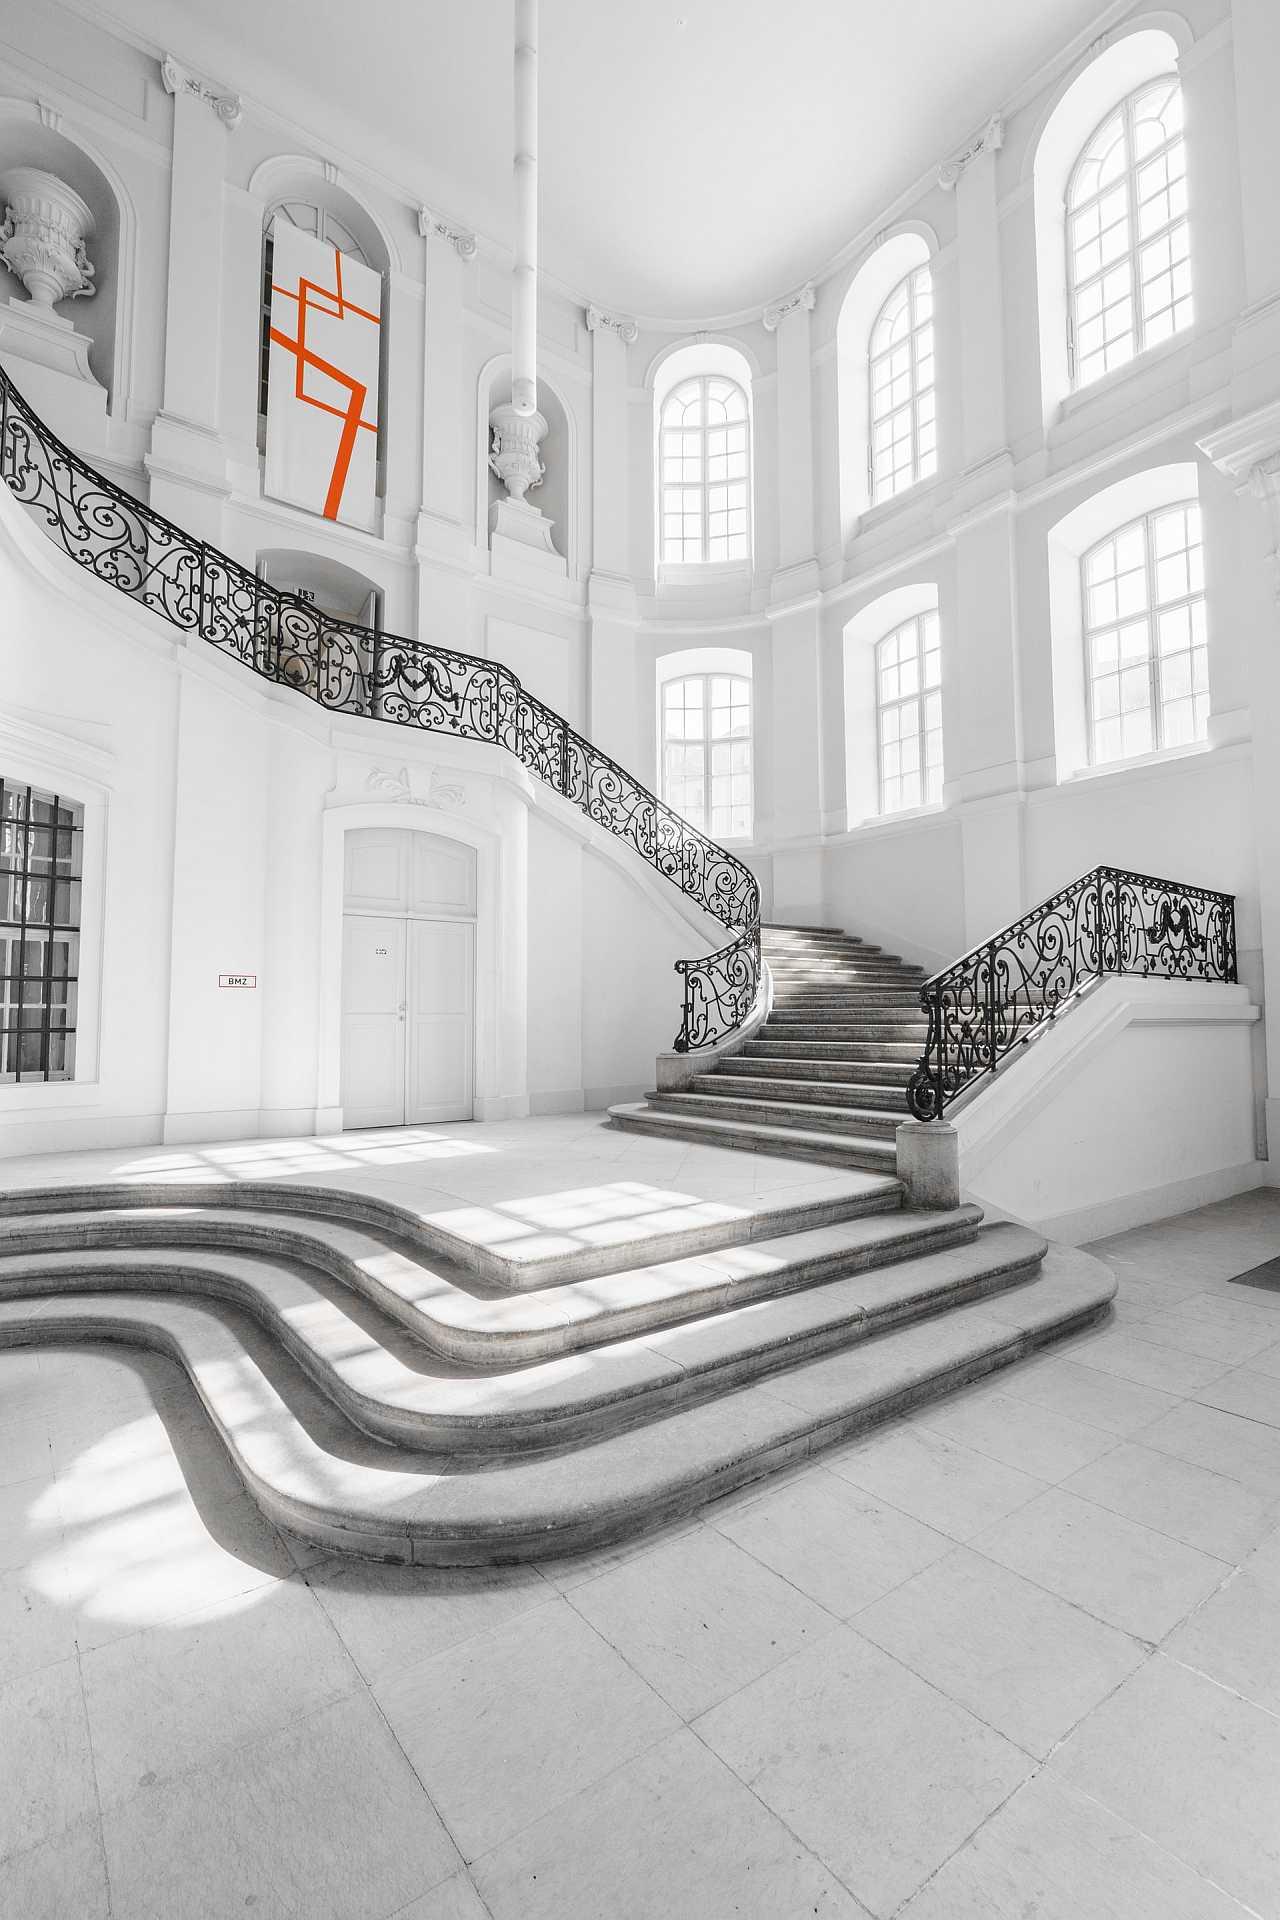 Inside a big house